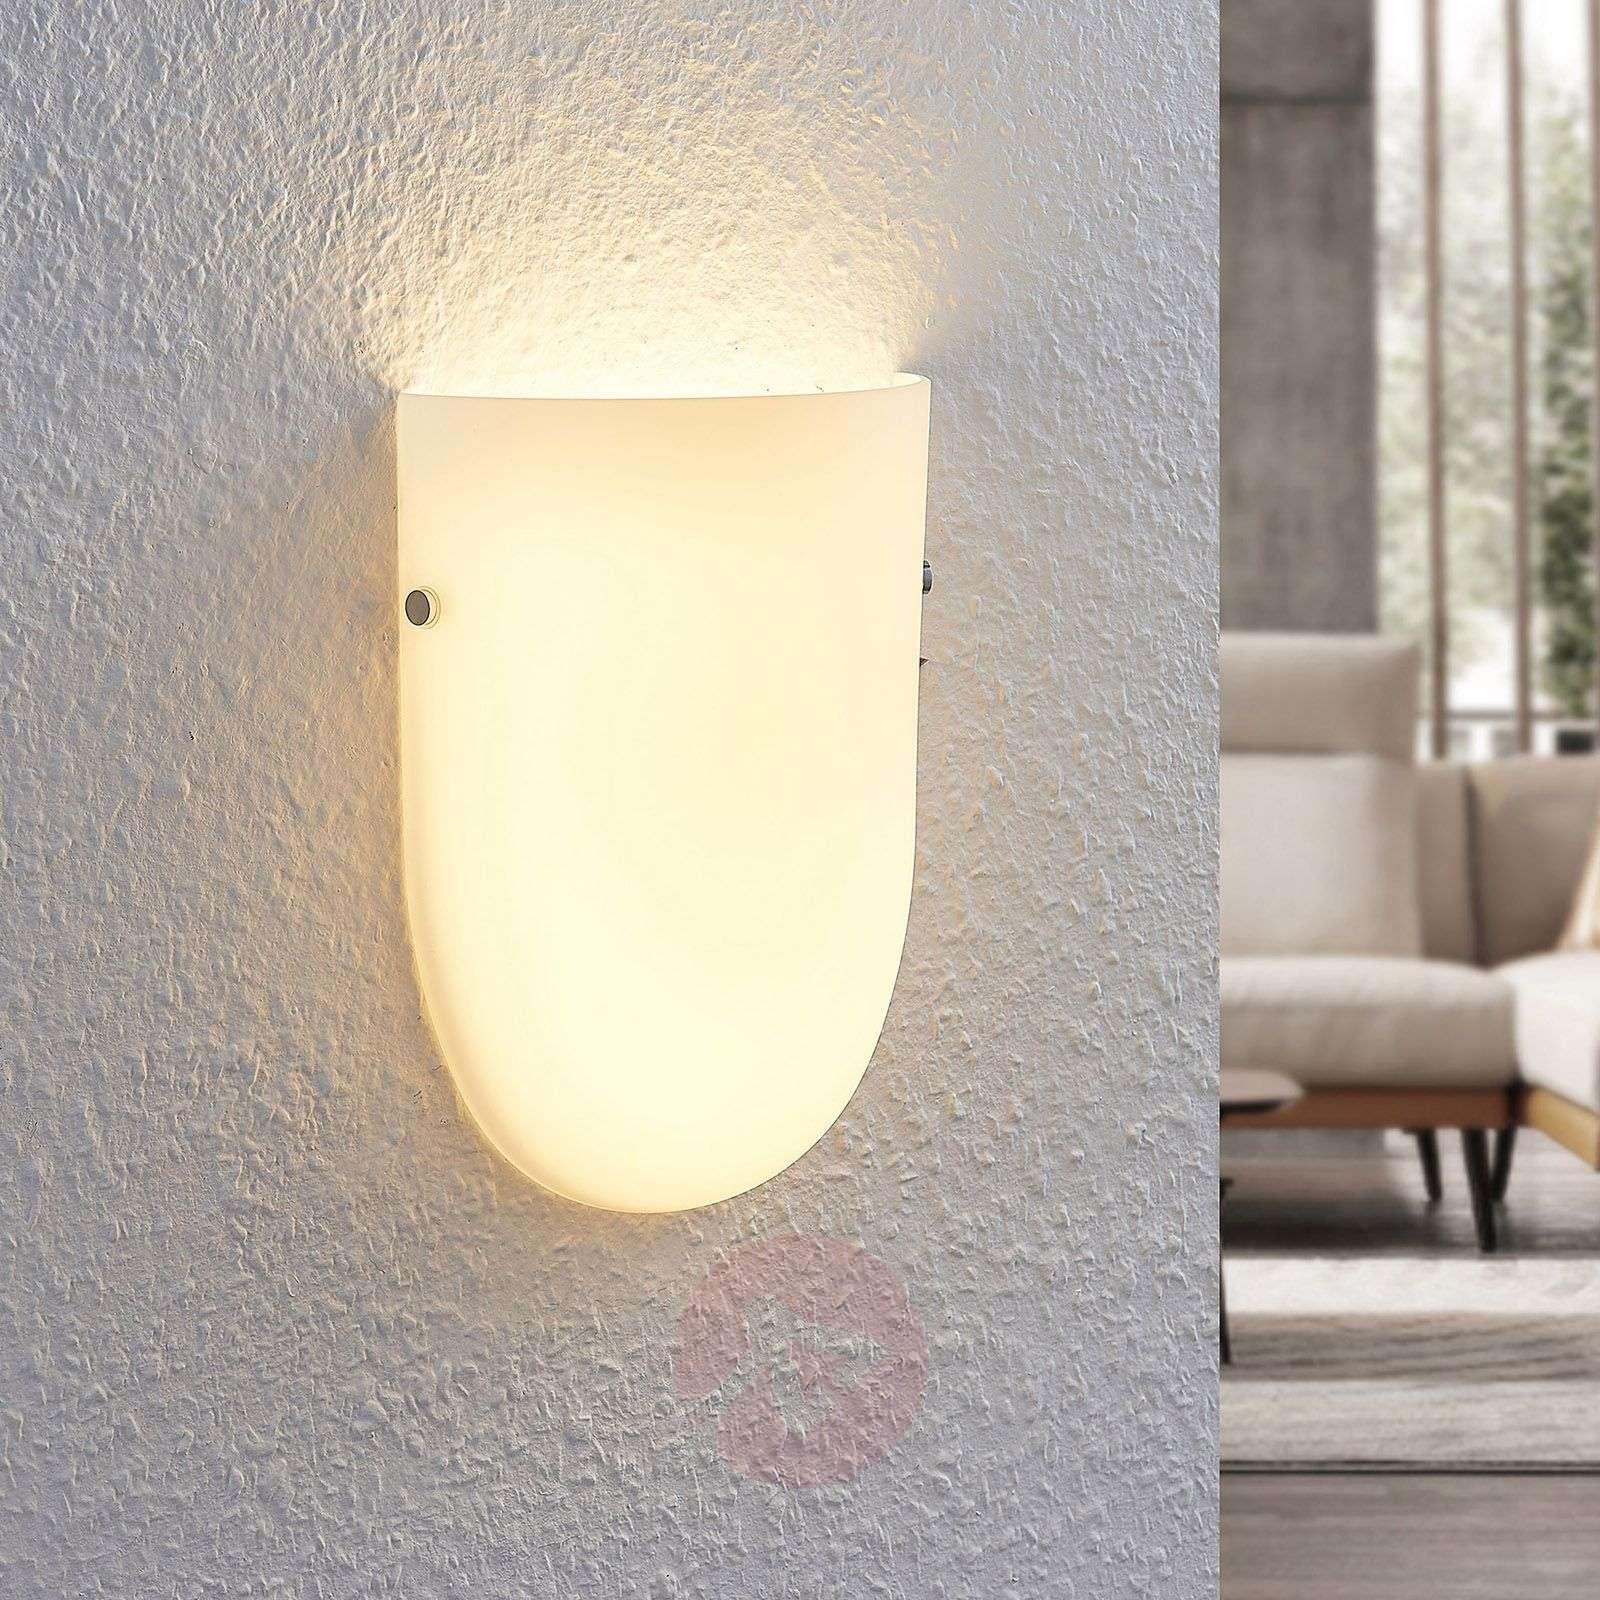 LED-seinävalaisin Genele lasivarjostimella-9976097-02